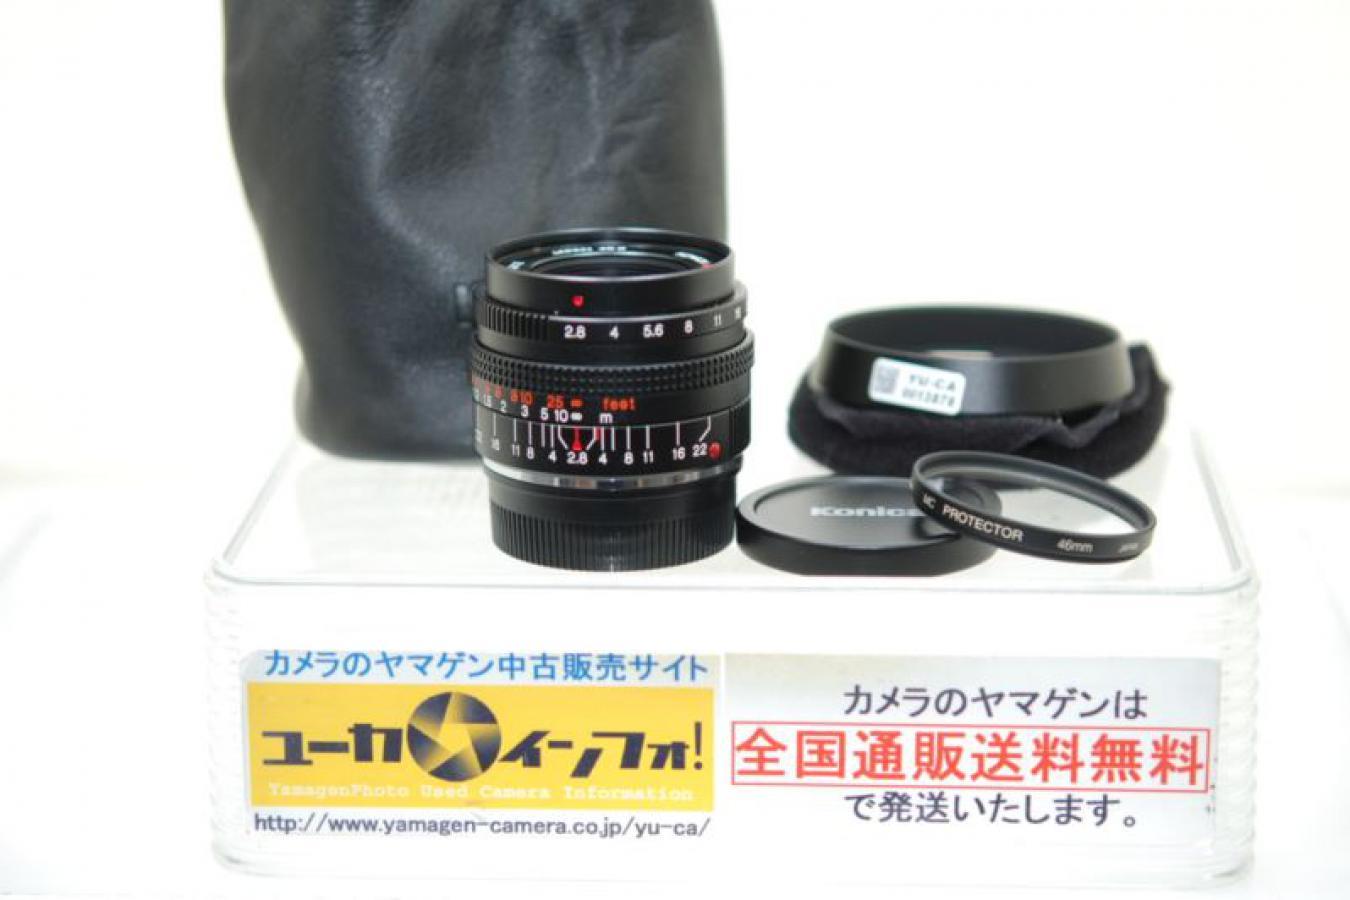 コニカ Mヘキサノン 28mm F2.8 ケンコー製46mmMCプロテクターフィルター、純正フード、ケース付 【ライカMマウントレンズ】